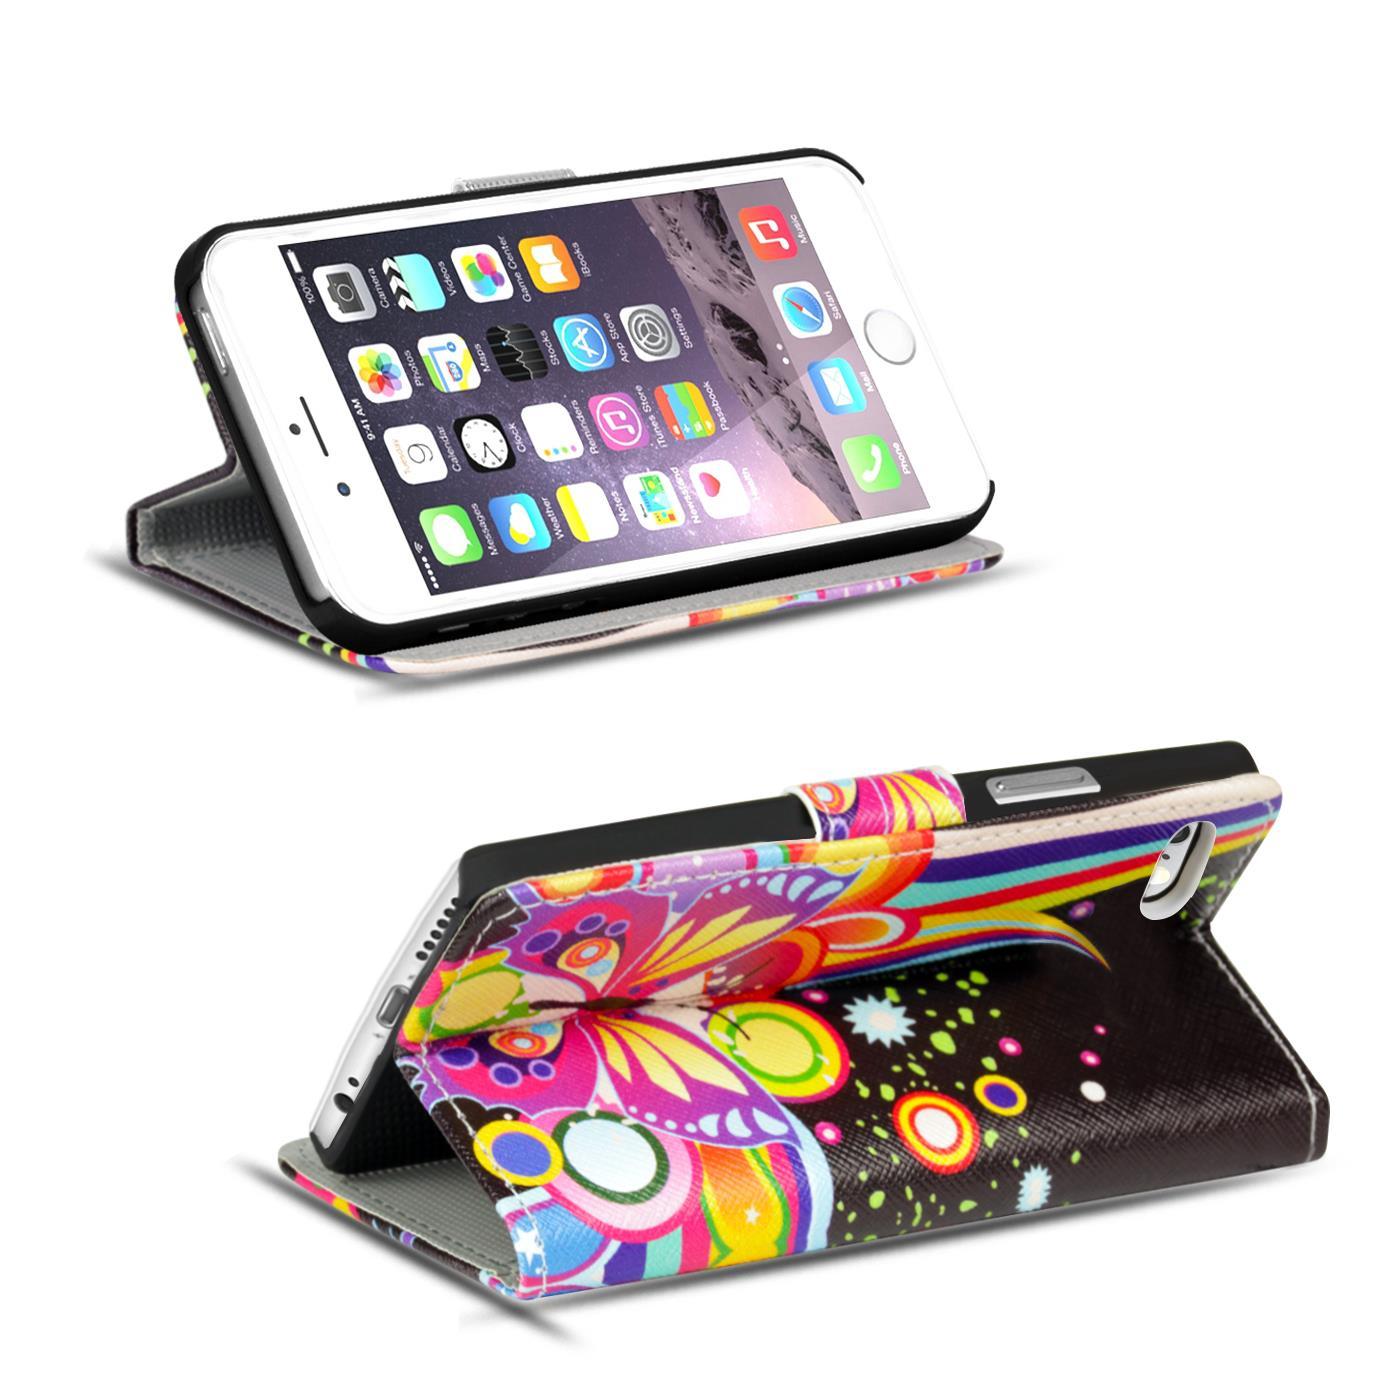 Handy-Huelle-Apple-iPhone-8-Plus-Flip-Cover-Case-Schutz-Tasche-Etui-Motiv-Wallet Indexbild 6